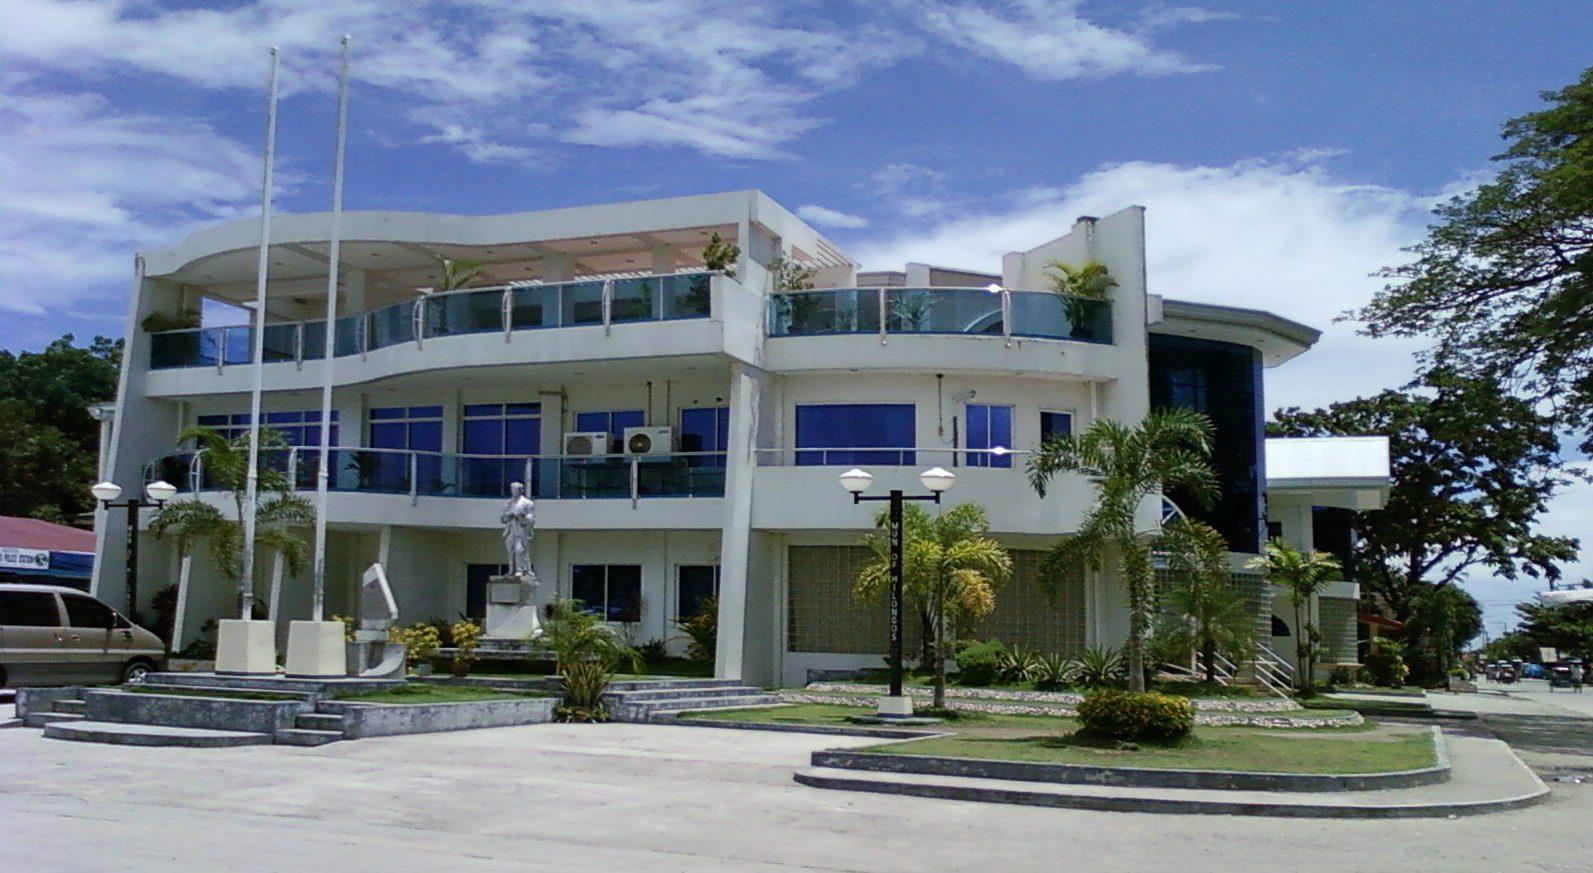 Hilongos Philippines  city images : Municipal Hall of Hilongos Leyte